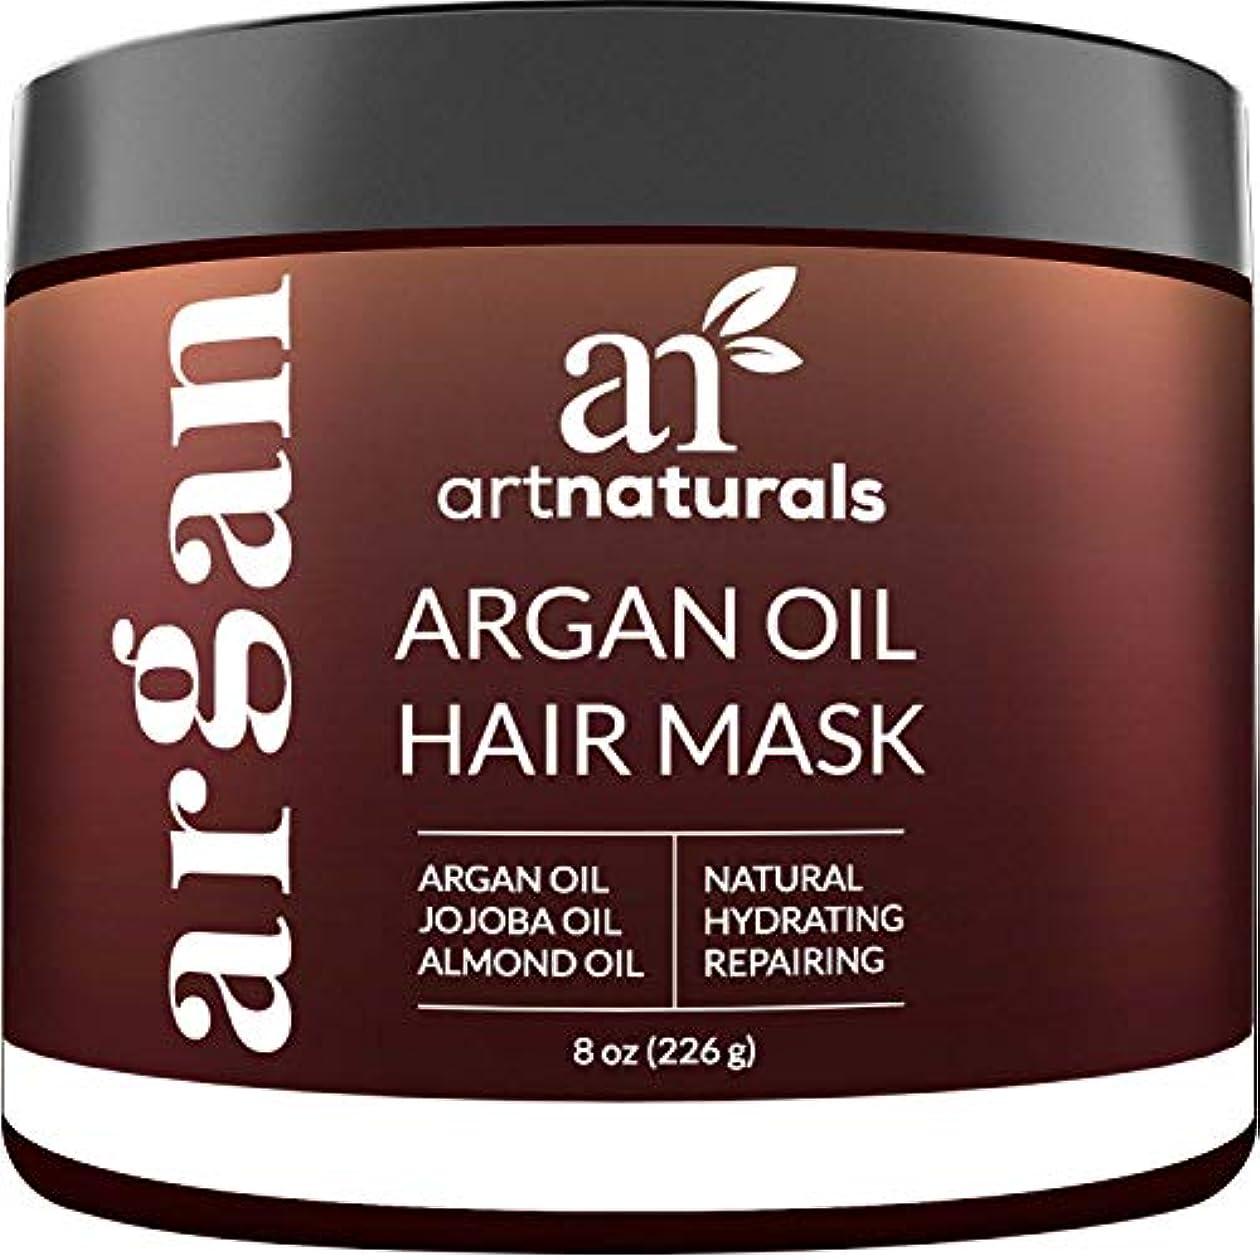 くちばし後退する昨日Artnaturals アルガンオイルヘアマスク 226g [並行輸入品]